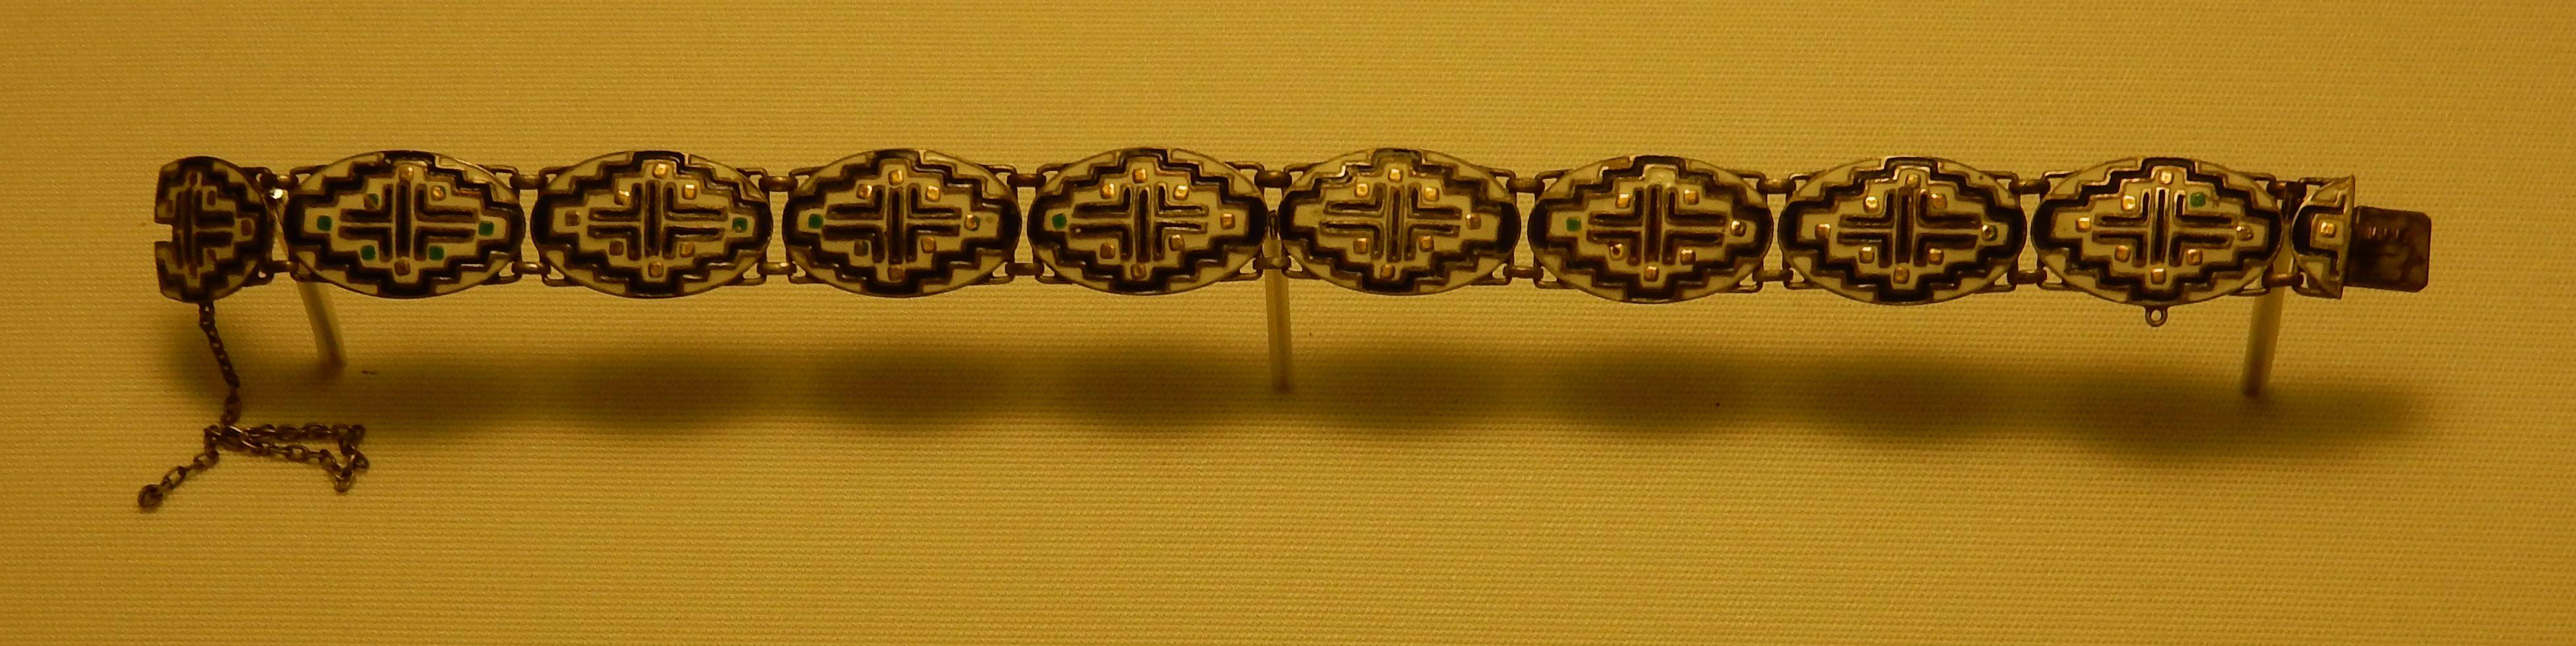 Theodor Fahrner, armband, 1910-1913. Schmuckmuseum Pforzheim. Foto met dank aan Coert Peter Krabbe, september 2018©